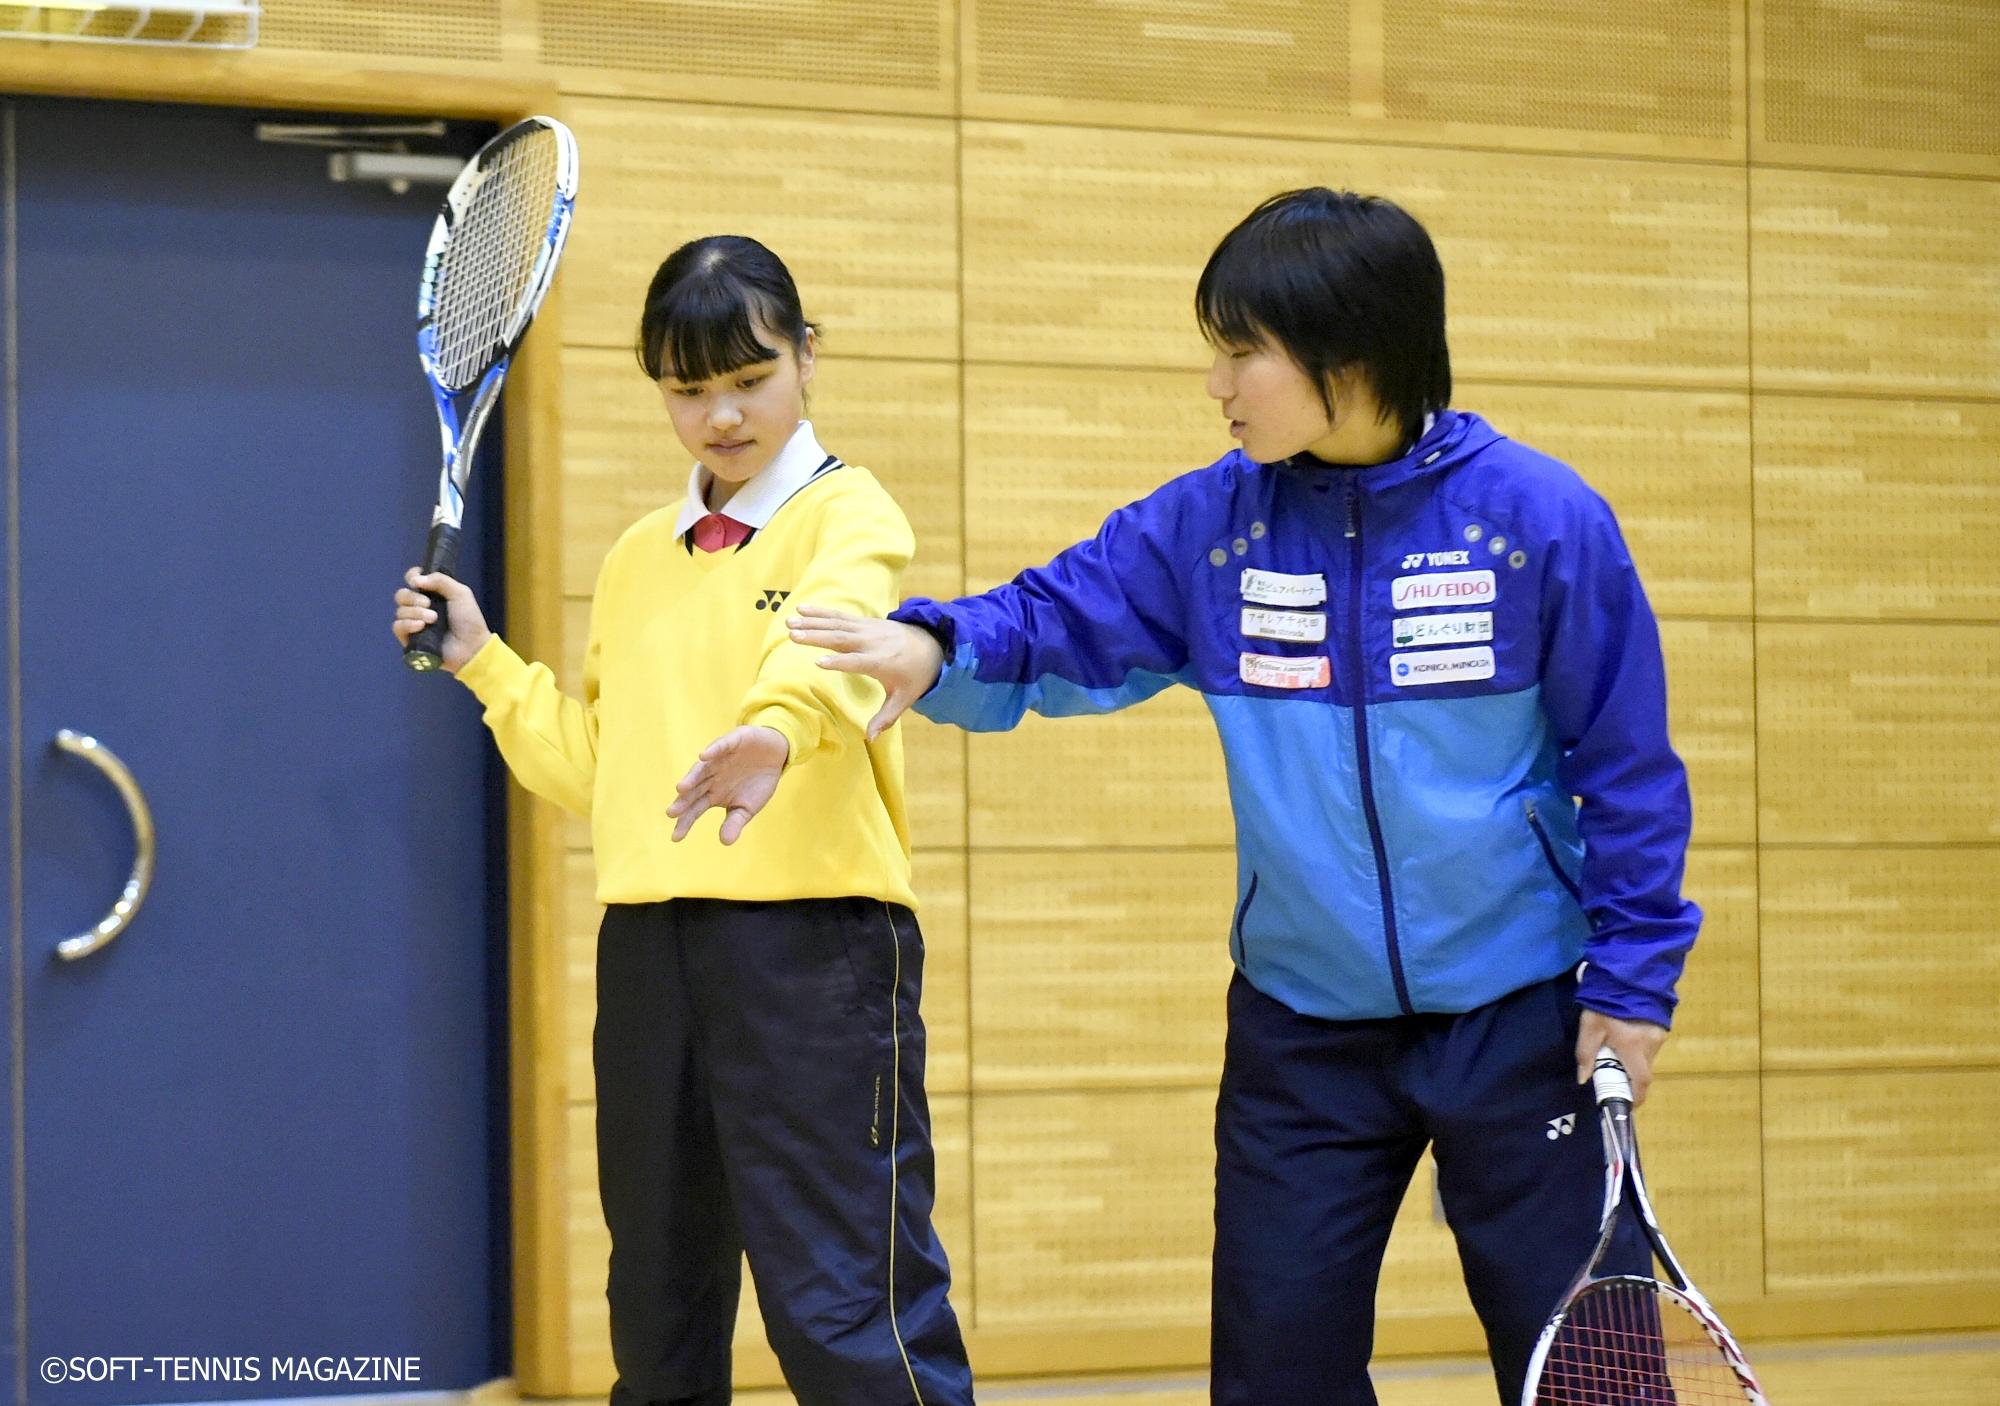 広島の女子トップクラブチーム・どんぐり北広島のメンバーが中学生を直接始動! 誌面を通してトップ選手に教えてもらおう